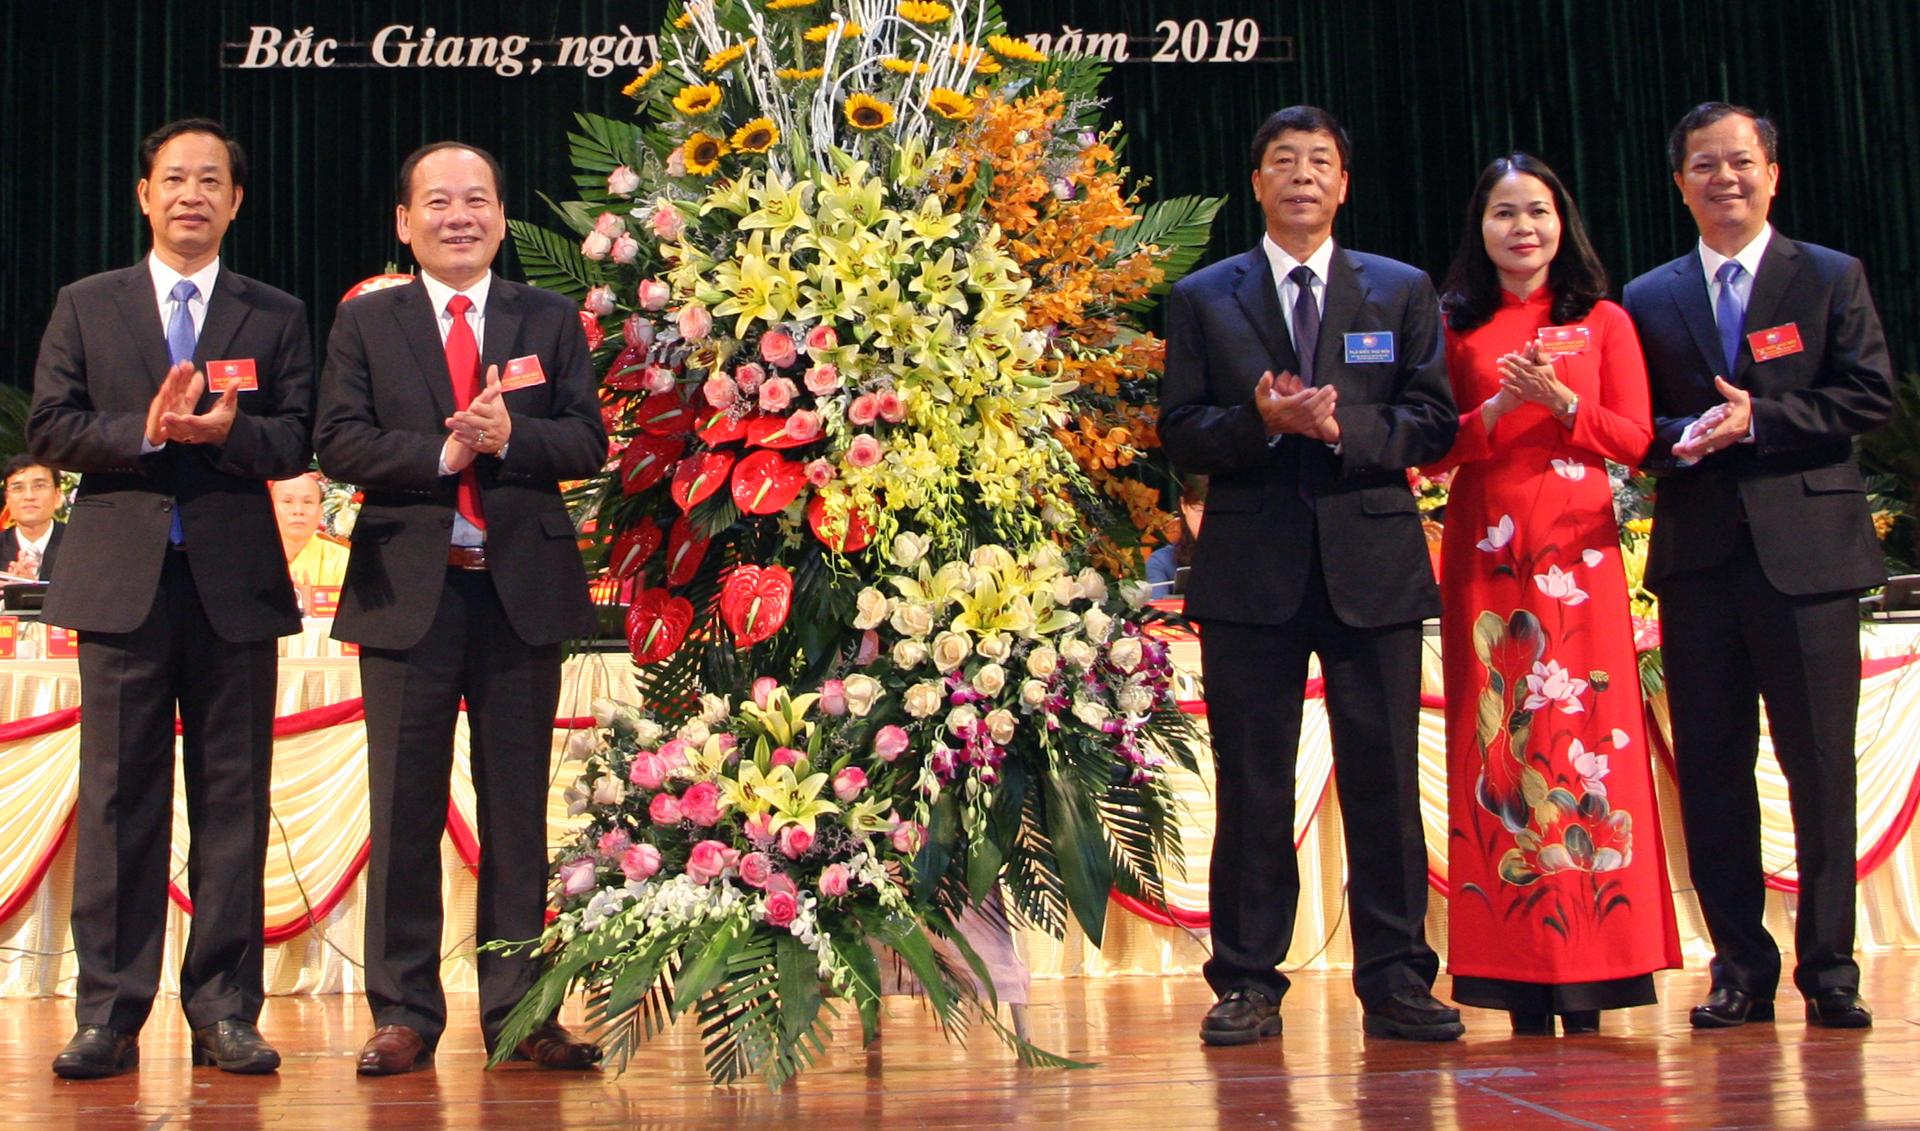 Đại hội MTTQ, Trần Công Thắng, hiệp thương